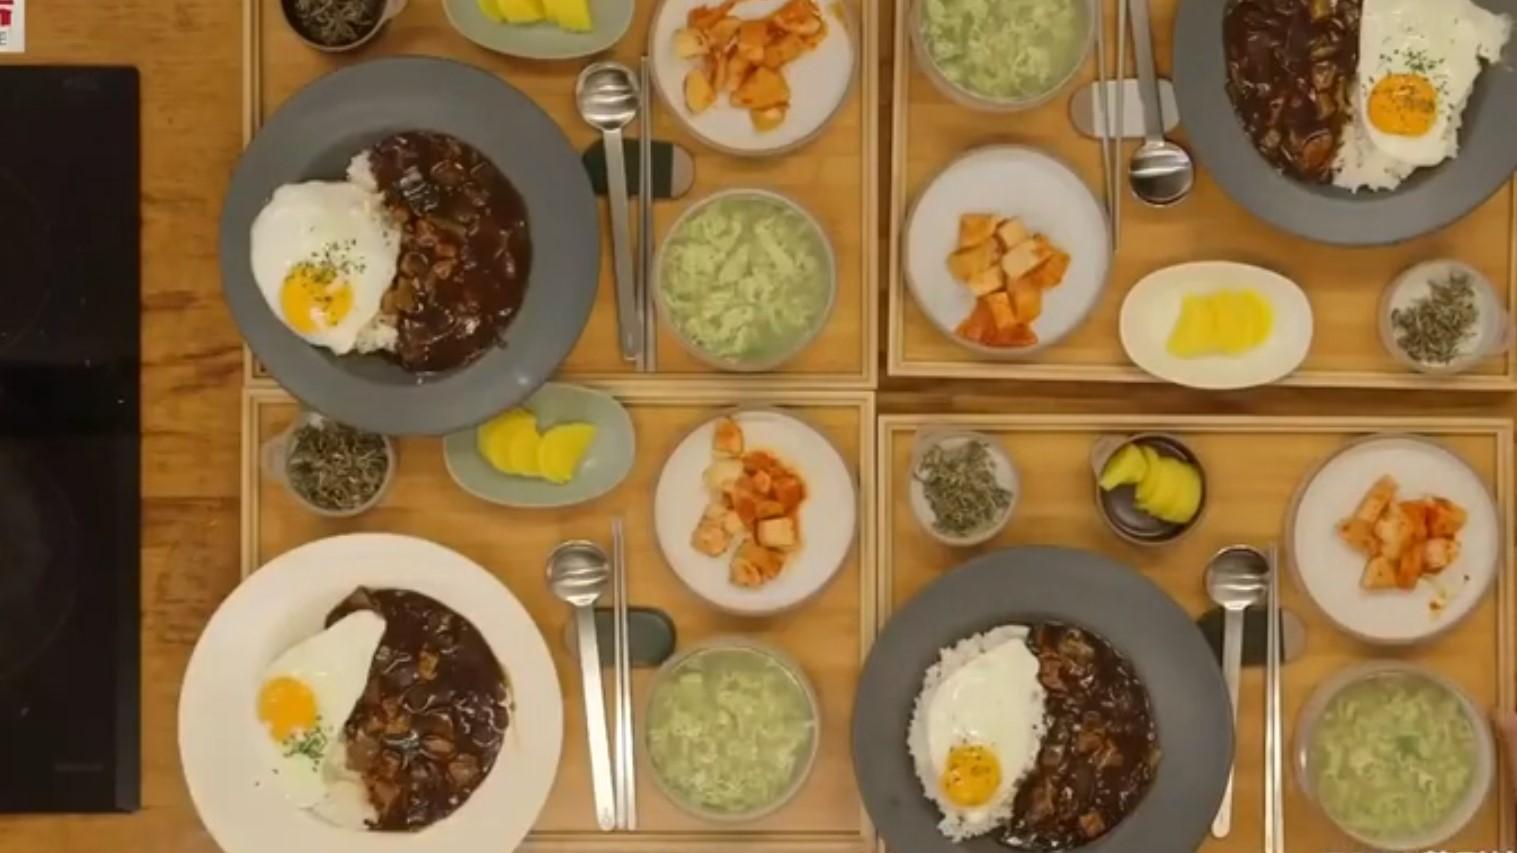 韓綜 西班牙寄宿家庭 韓式炸醬飯